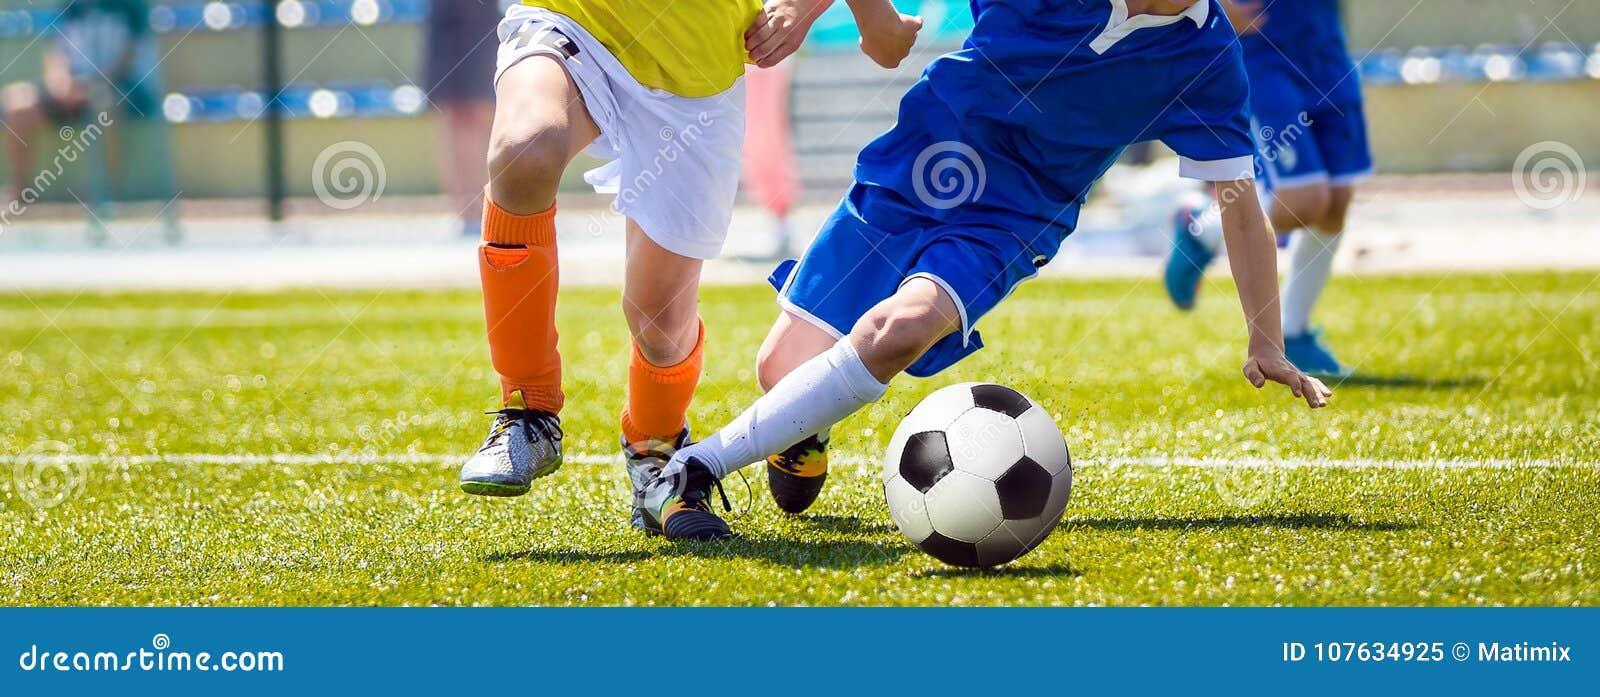 Jeunes joueurs de football courants du football Concurrence du football de la jeunesse entre deux footballers